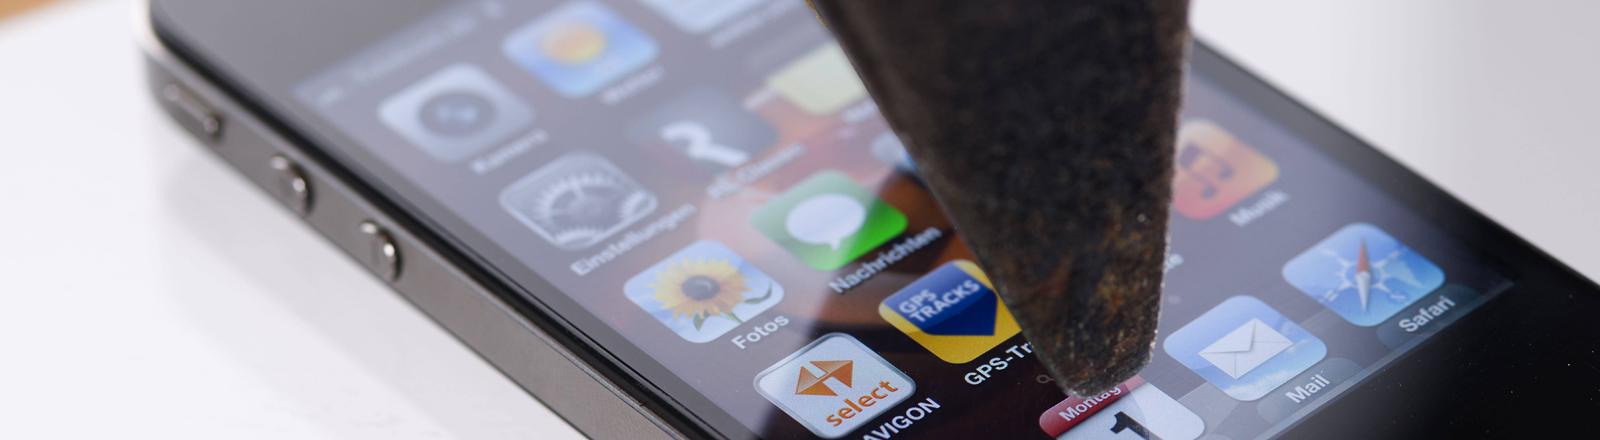 Ein Hammer wird auf ein iPhone geschlagen